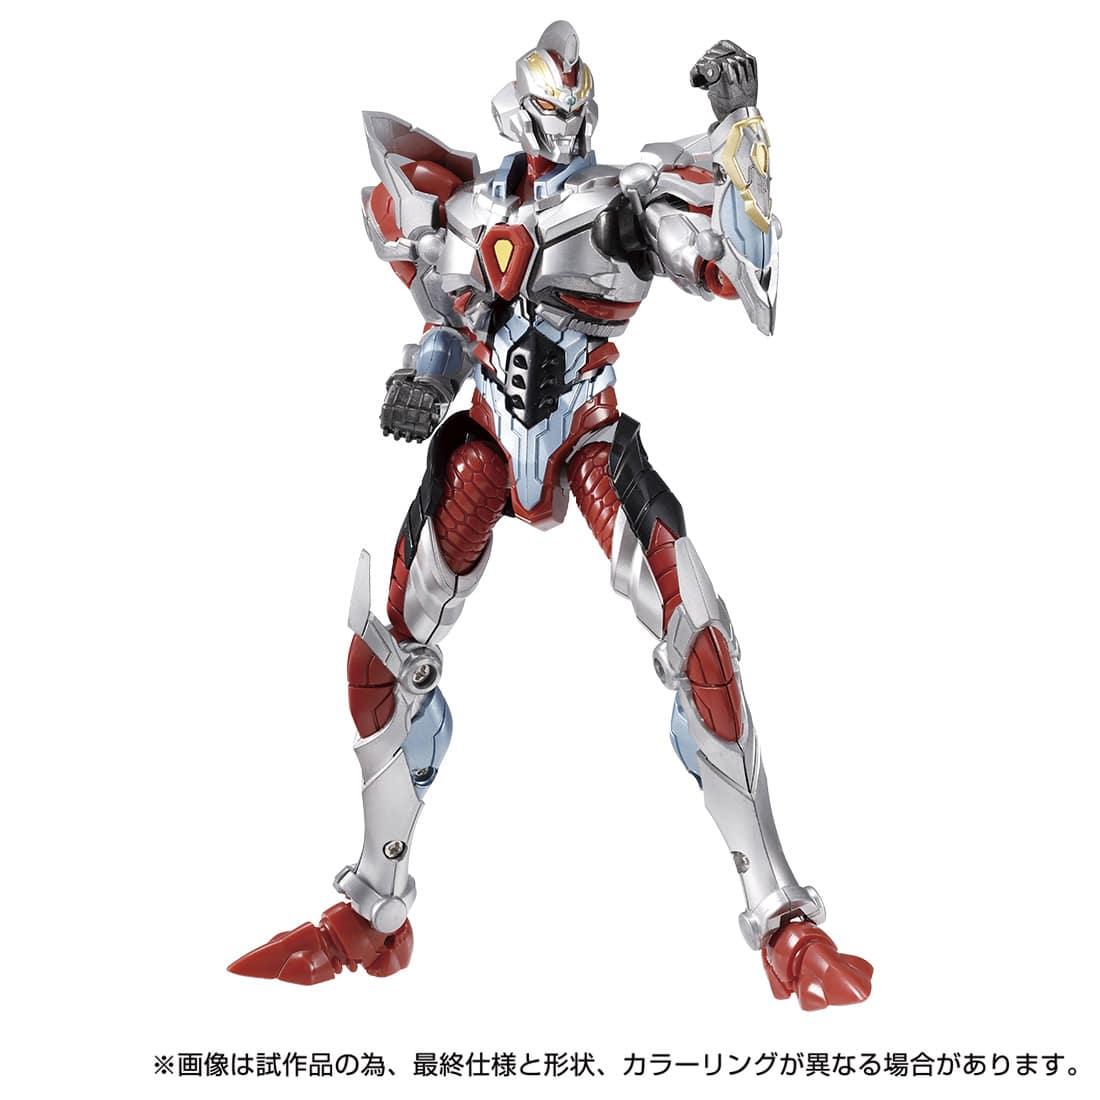 ダイアクロン / グリッドマンユニバース 02『ダイアクロンVS.グリッドマン Ver』可動フィギュア-005